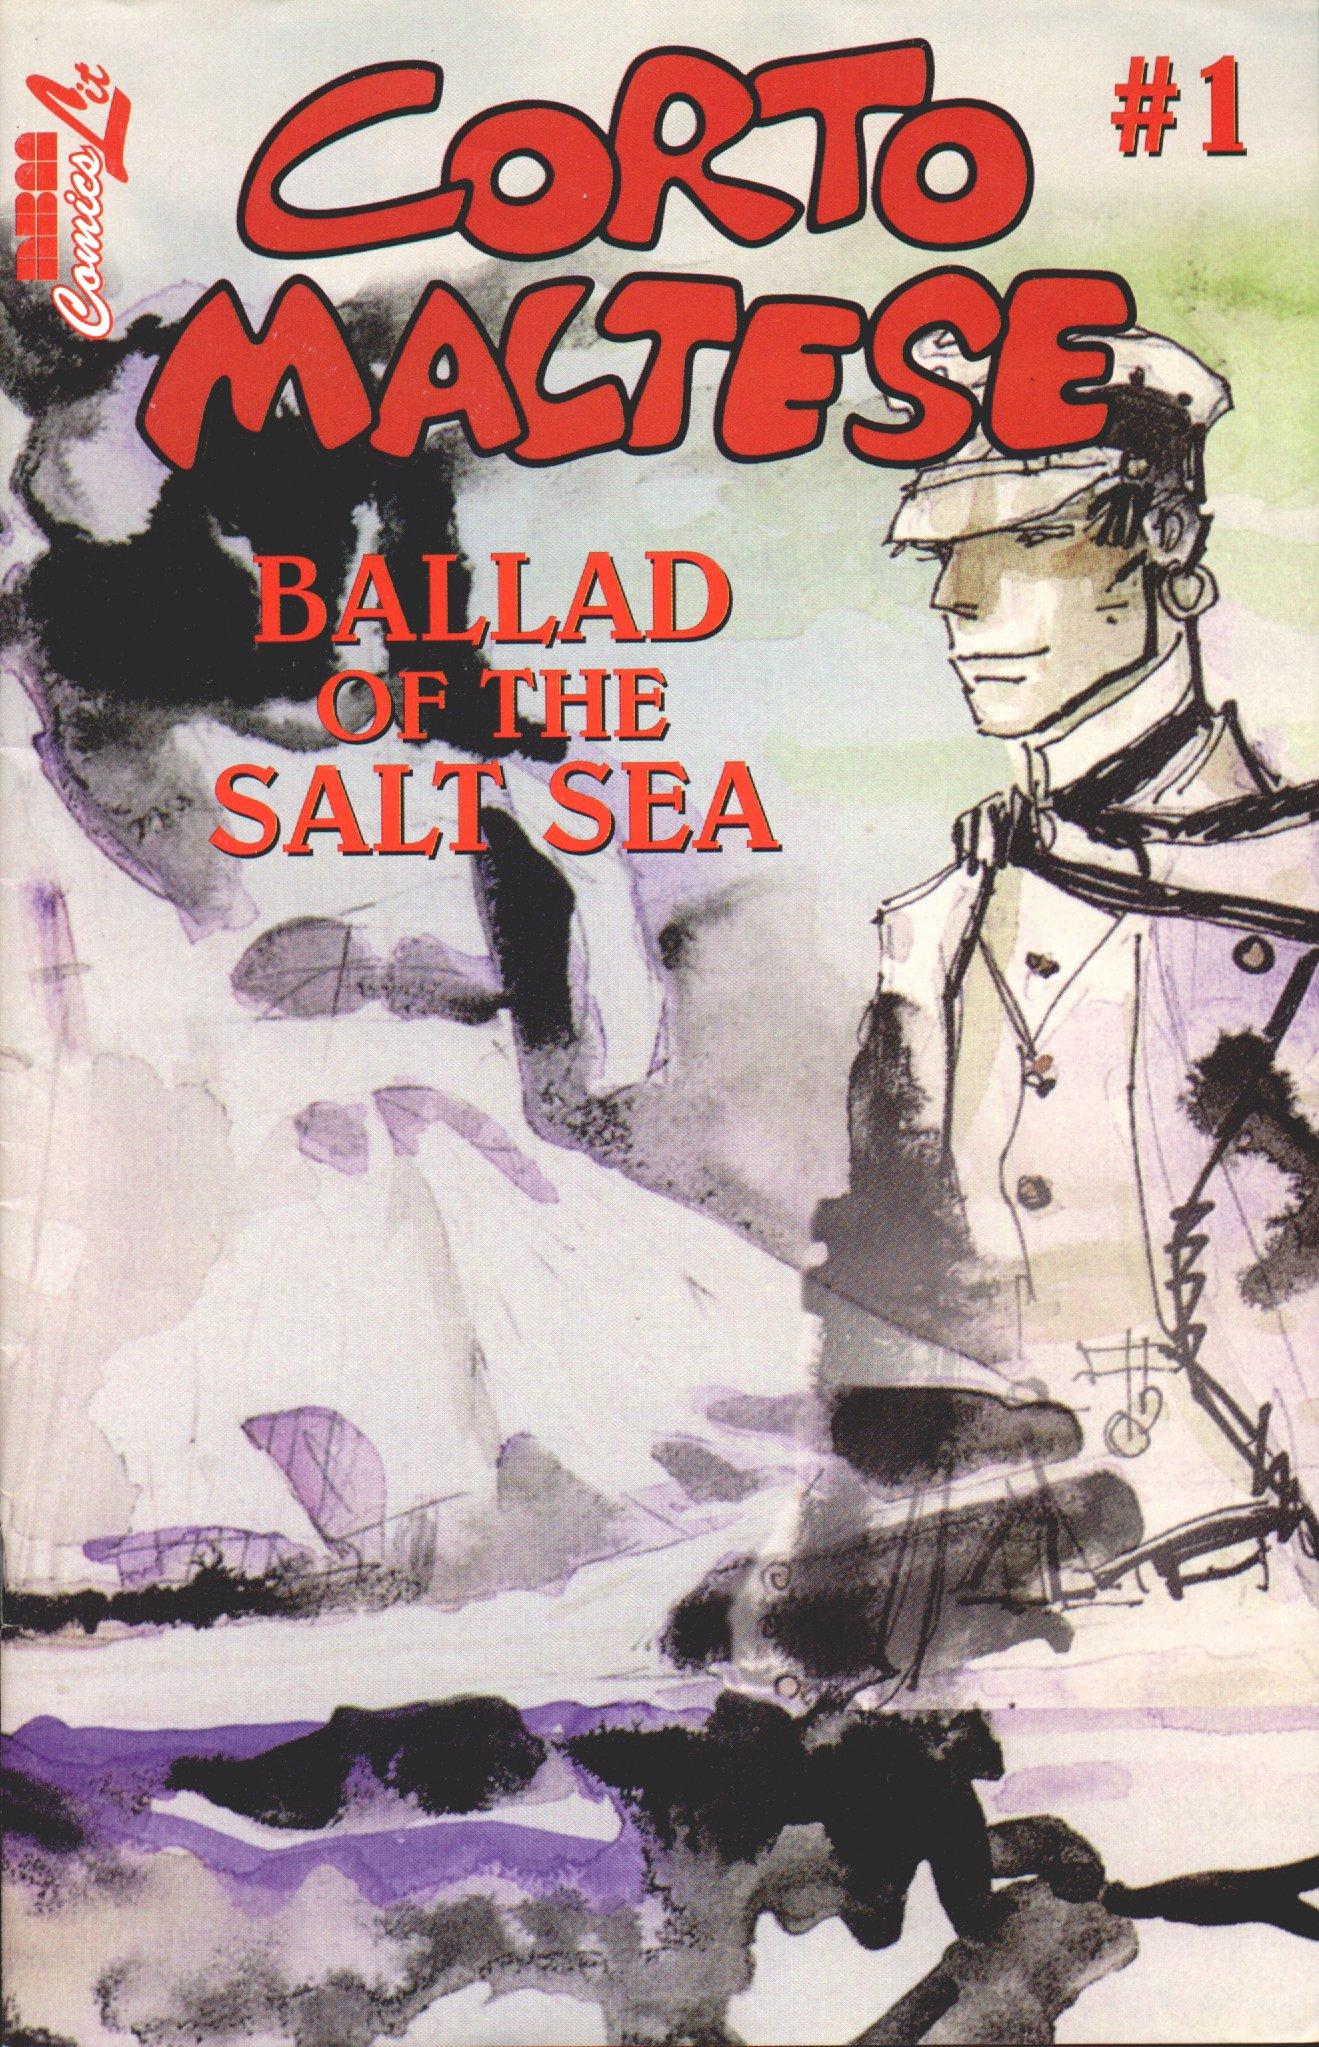 Corto Maltese: Ballad of the Salt Sea 1 Page 1